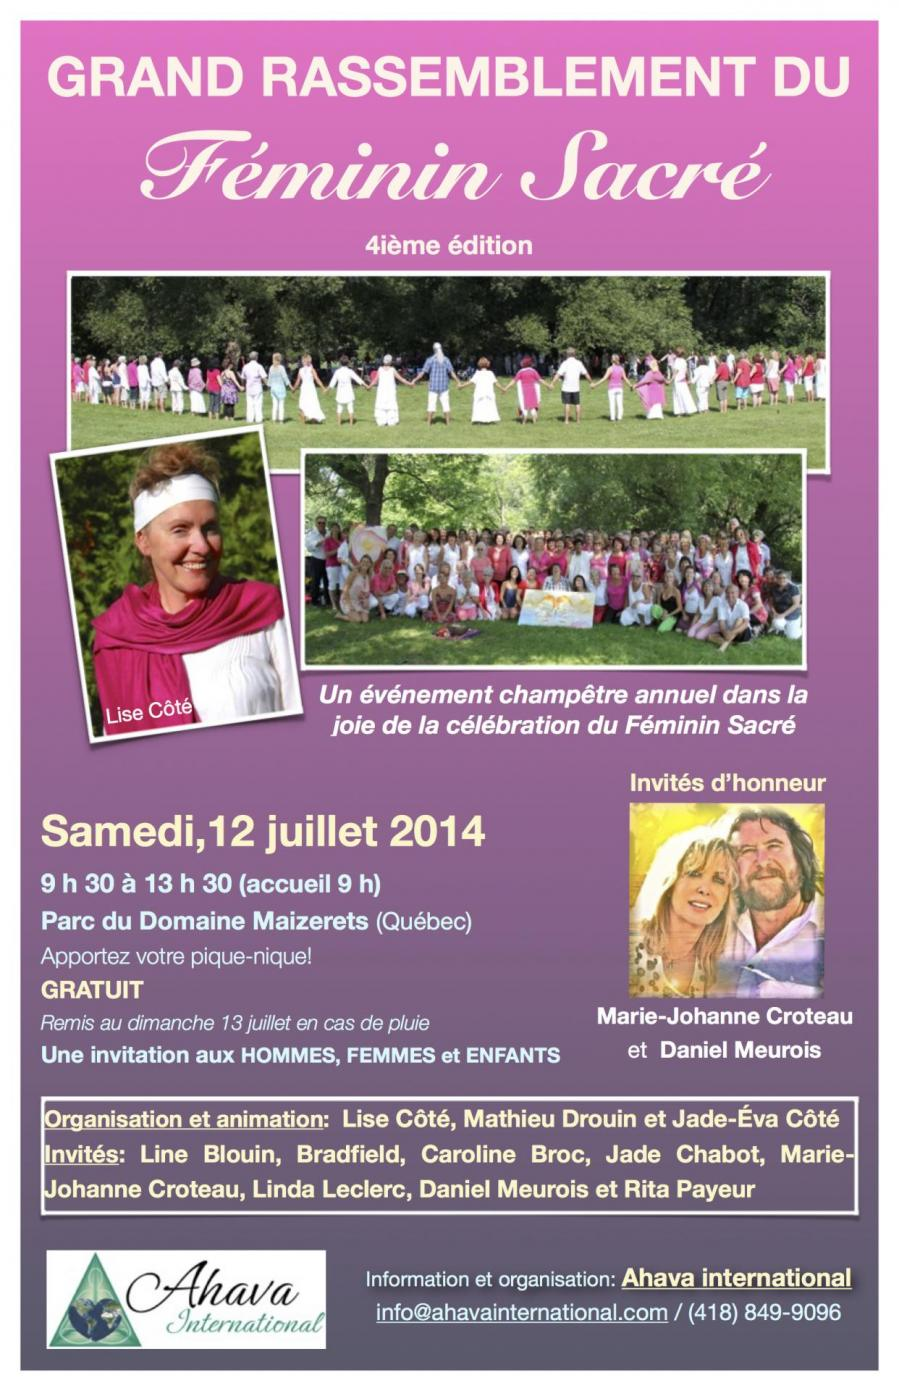 Affiche rassemblement femininsacre 2014 v2 3